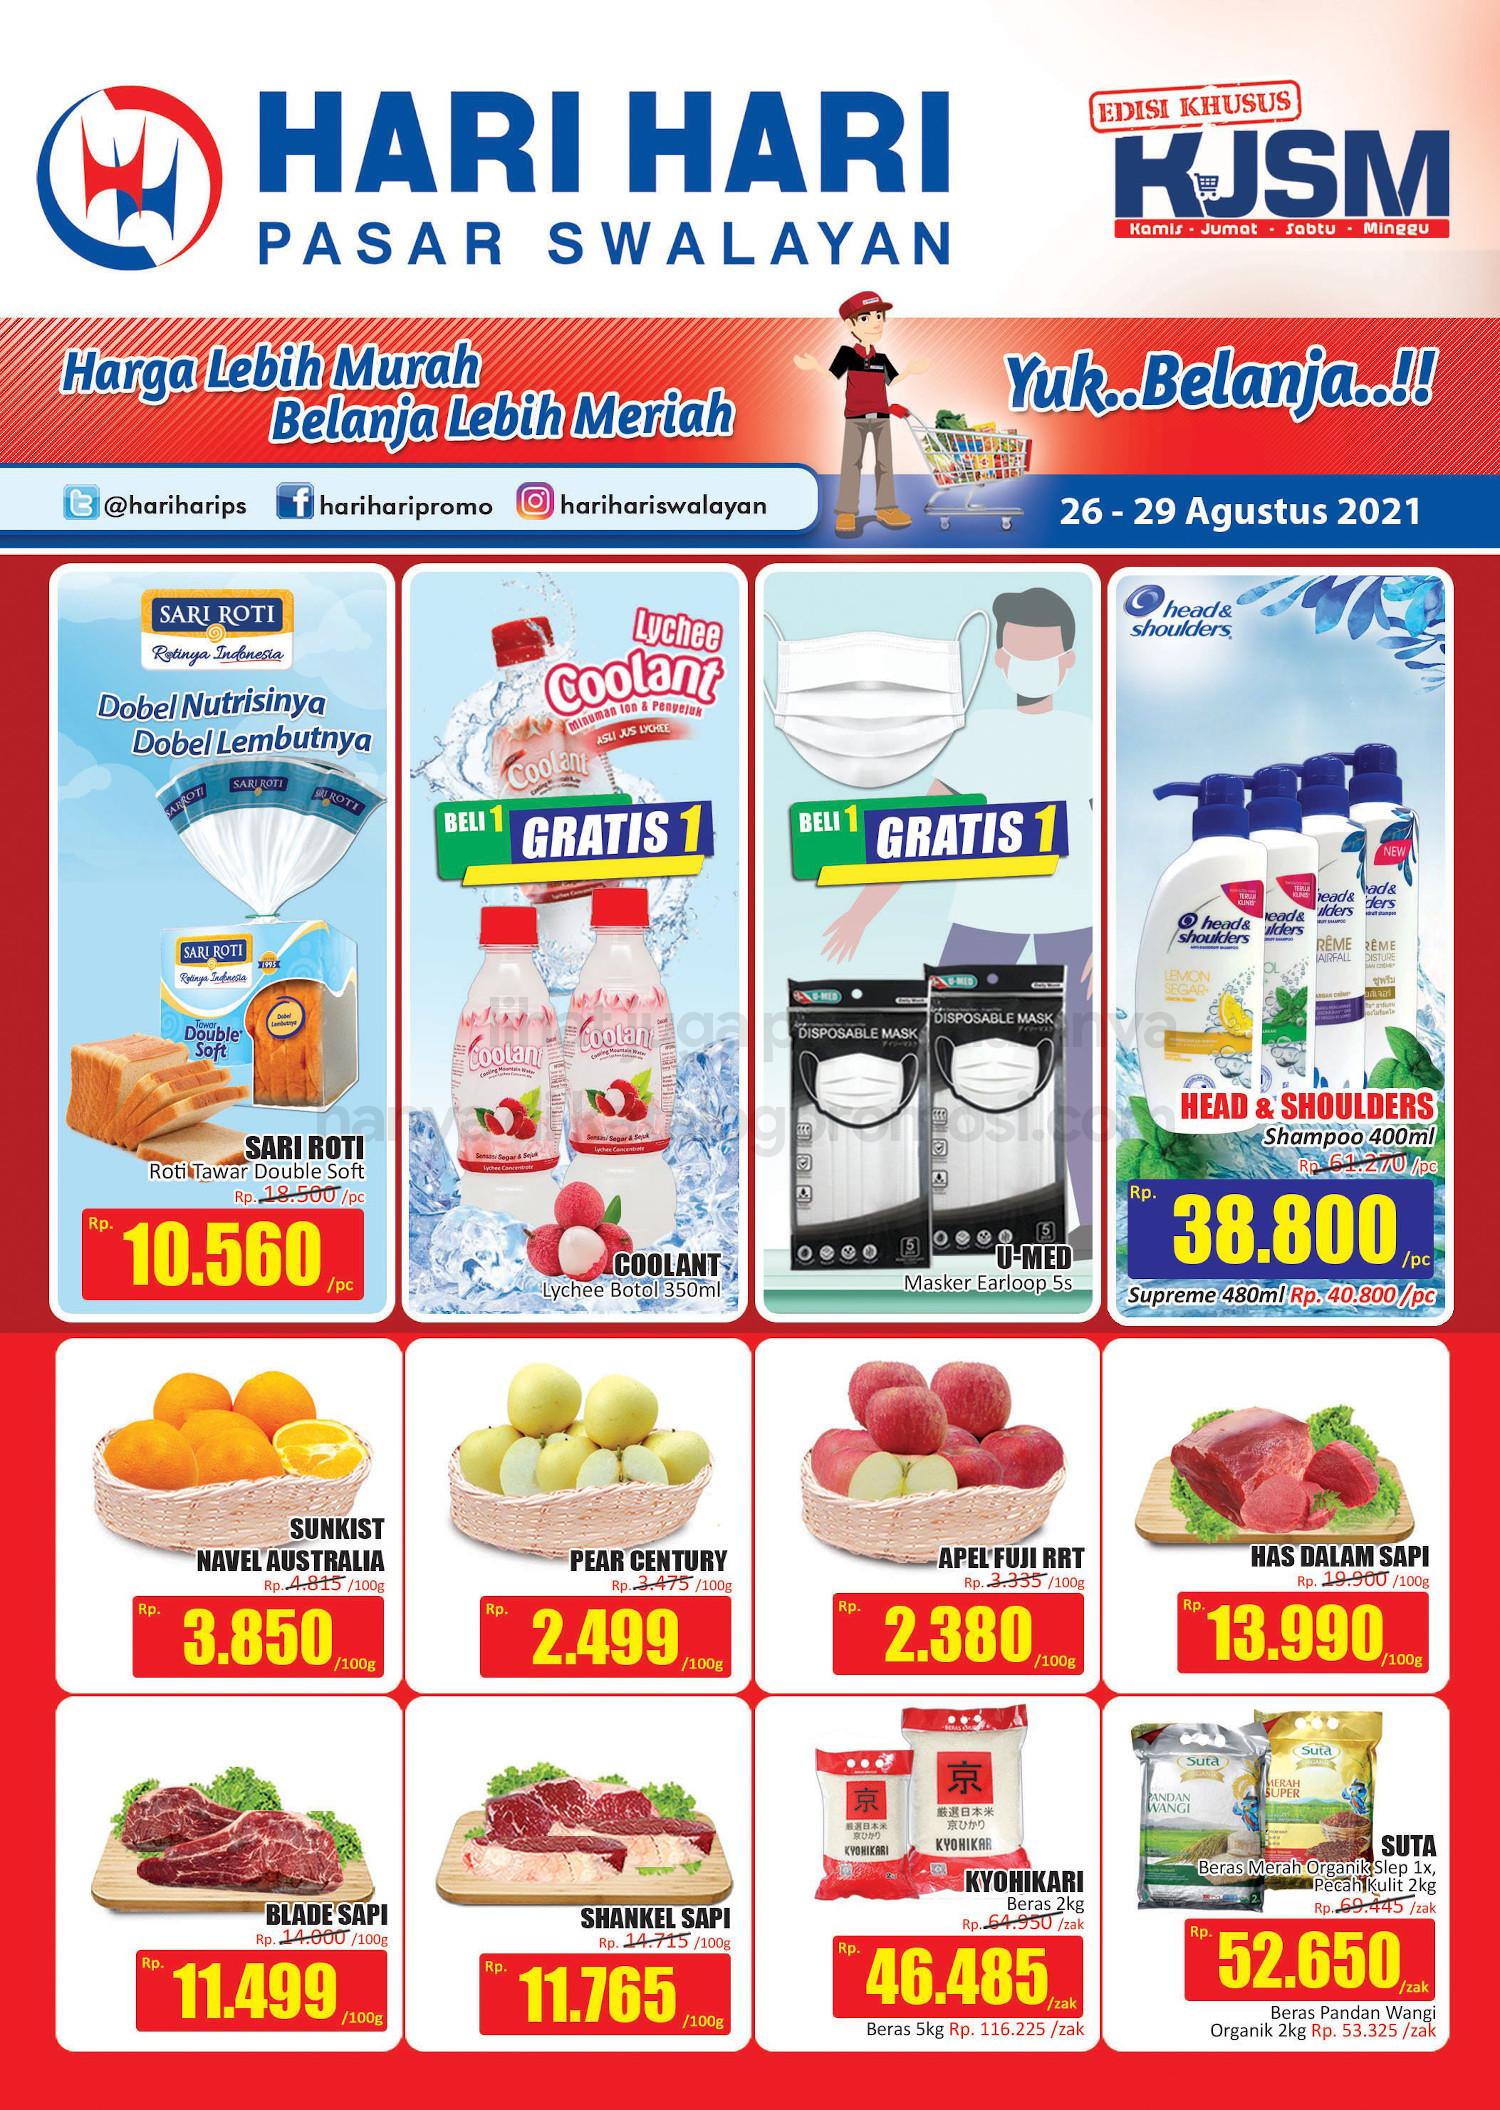 Promo Hari Hari Pasar Swalayan Weekend JSM Periode 26-29 Agustus 2021